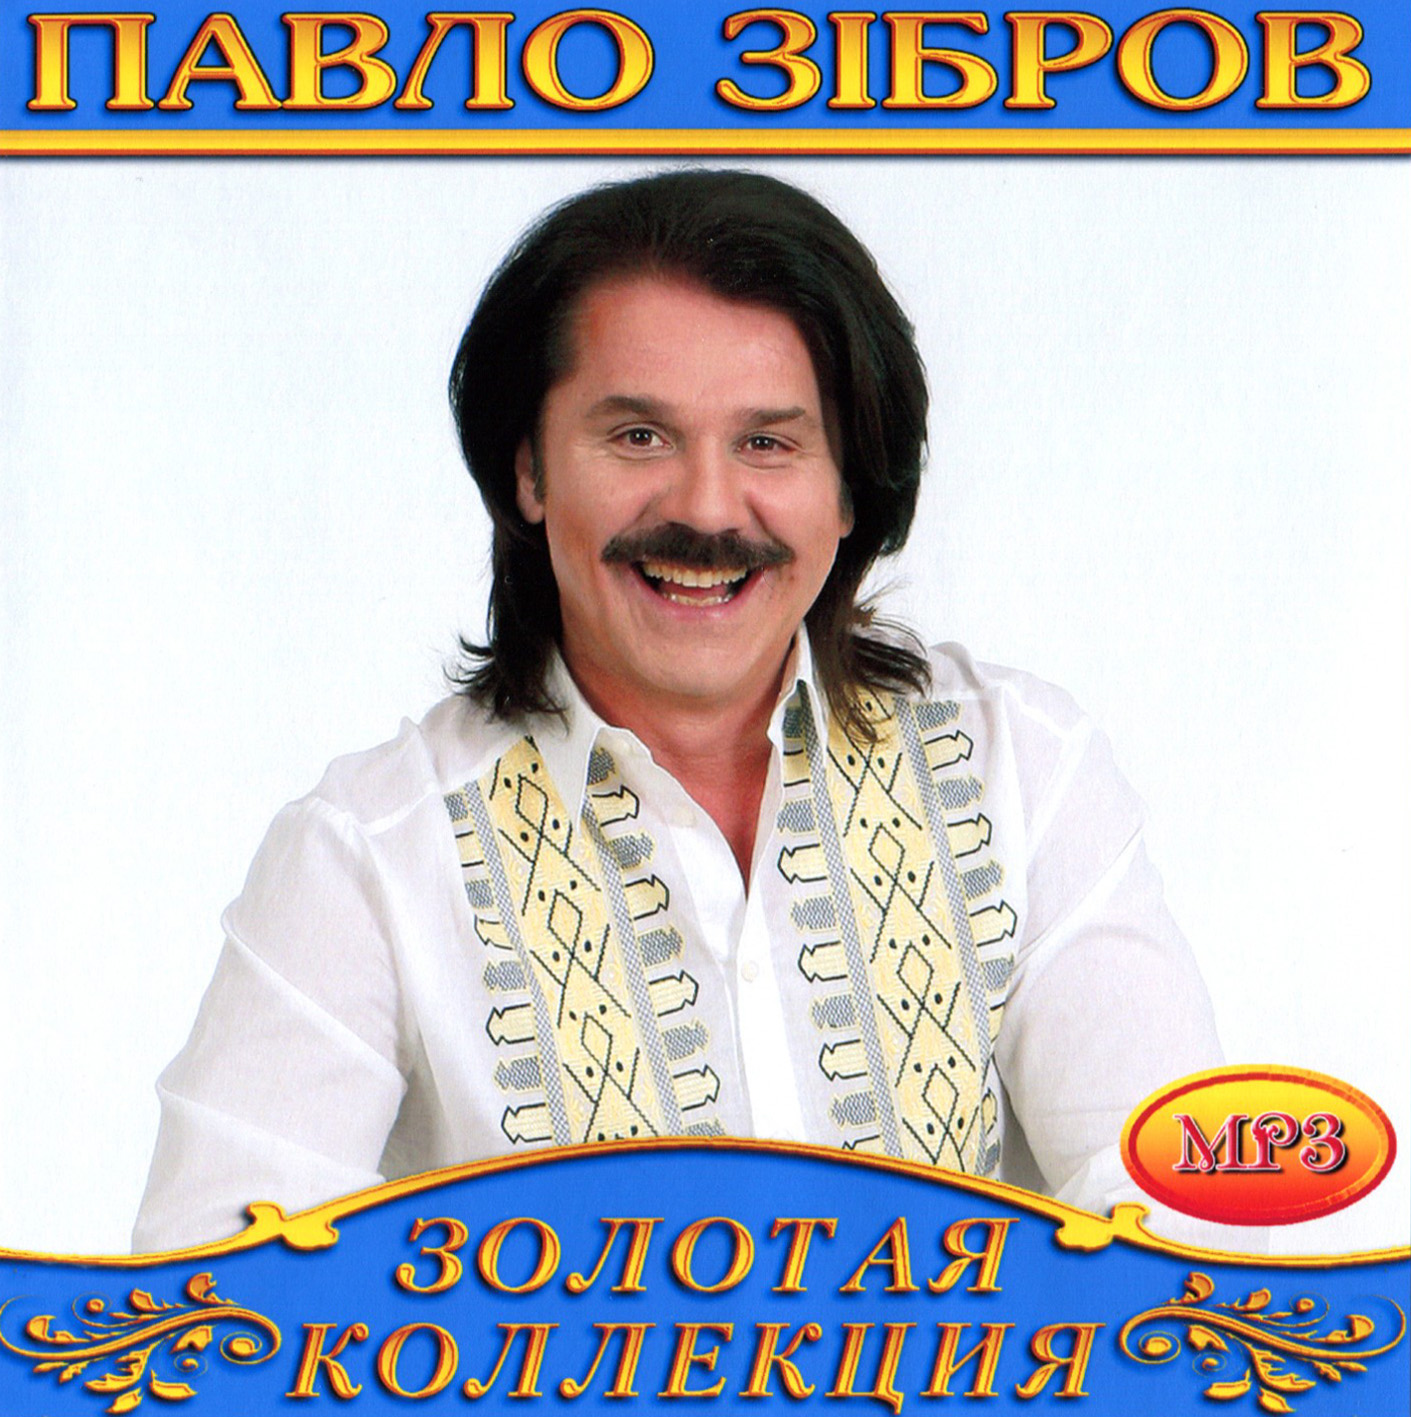 Павло Зібров [mp3]